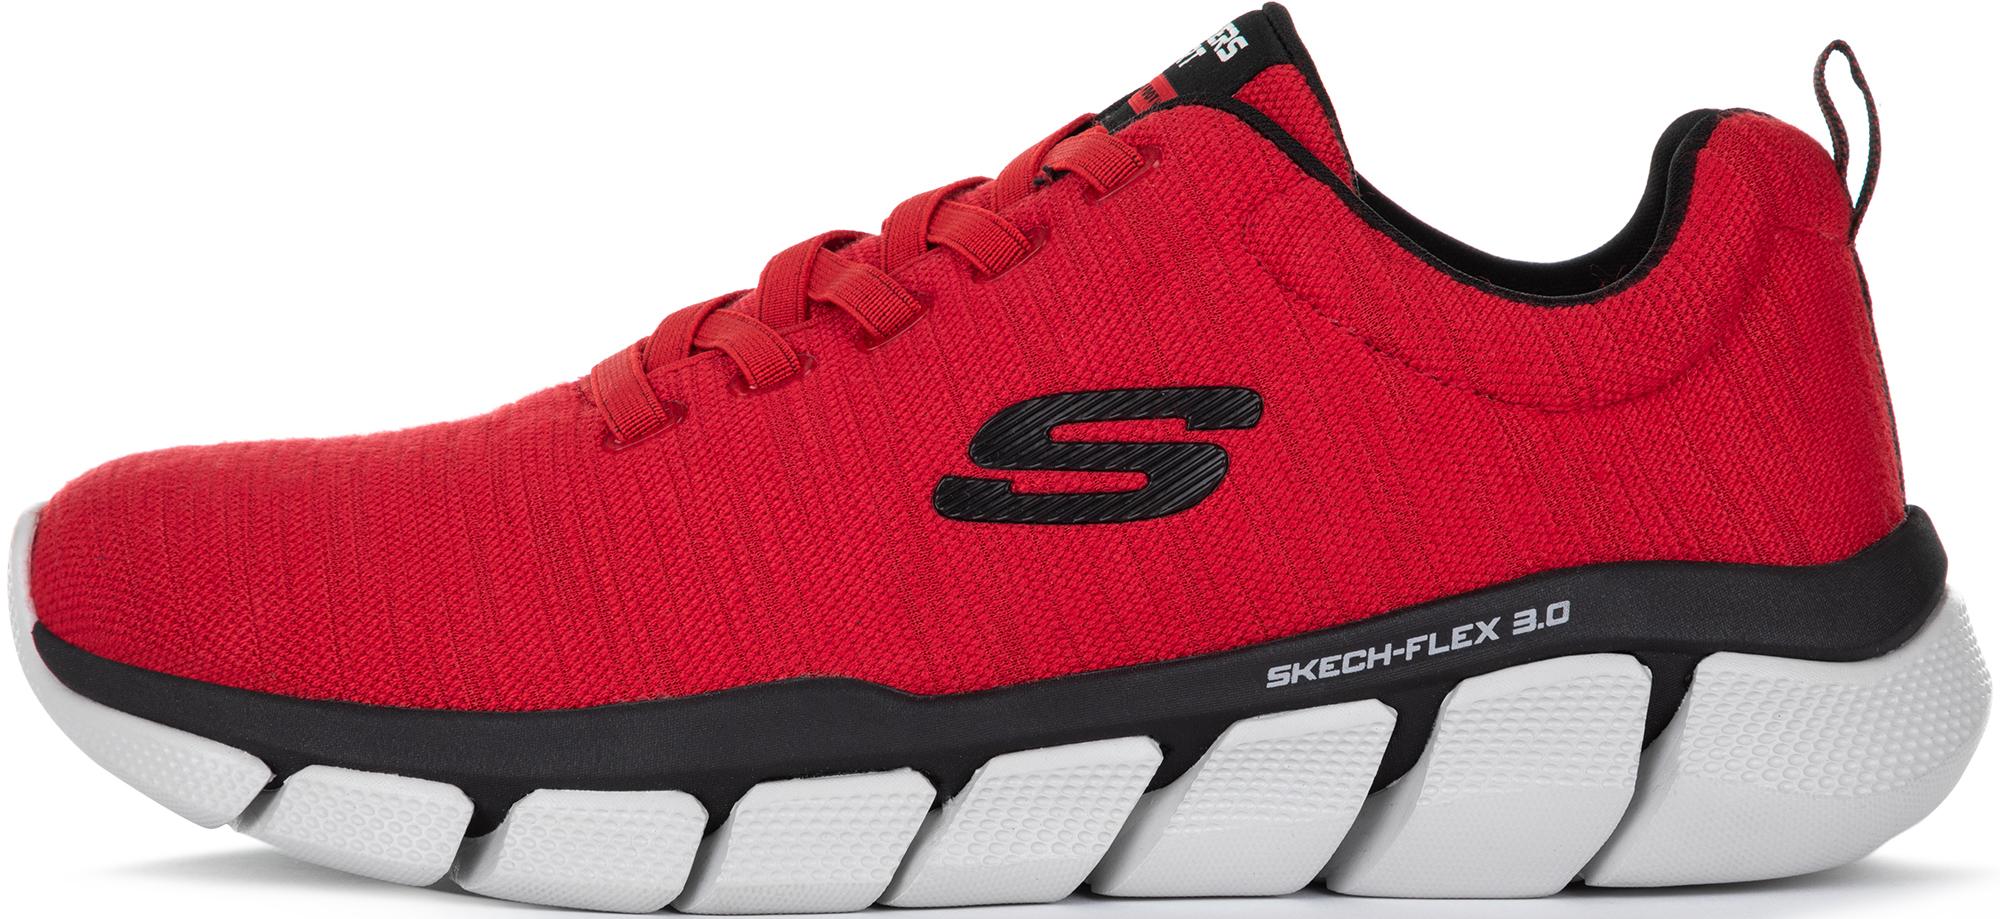 81ccde088a90 Skechers Кроссовки мужские Skechers Skech-Flex 3.0-Strongkeep, размер 46,5